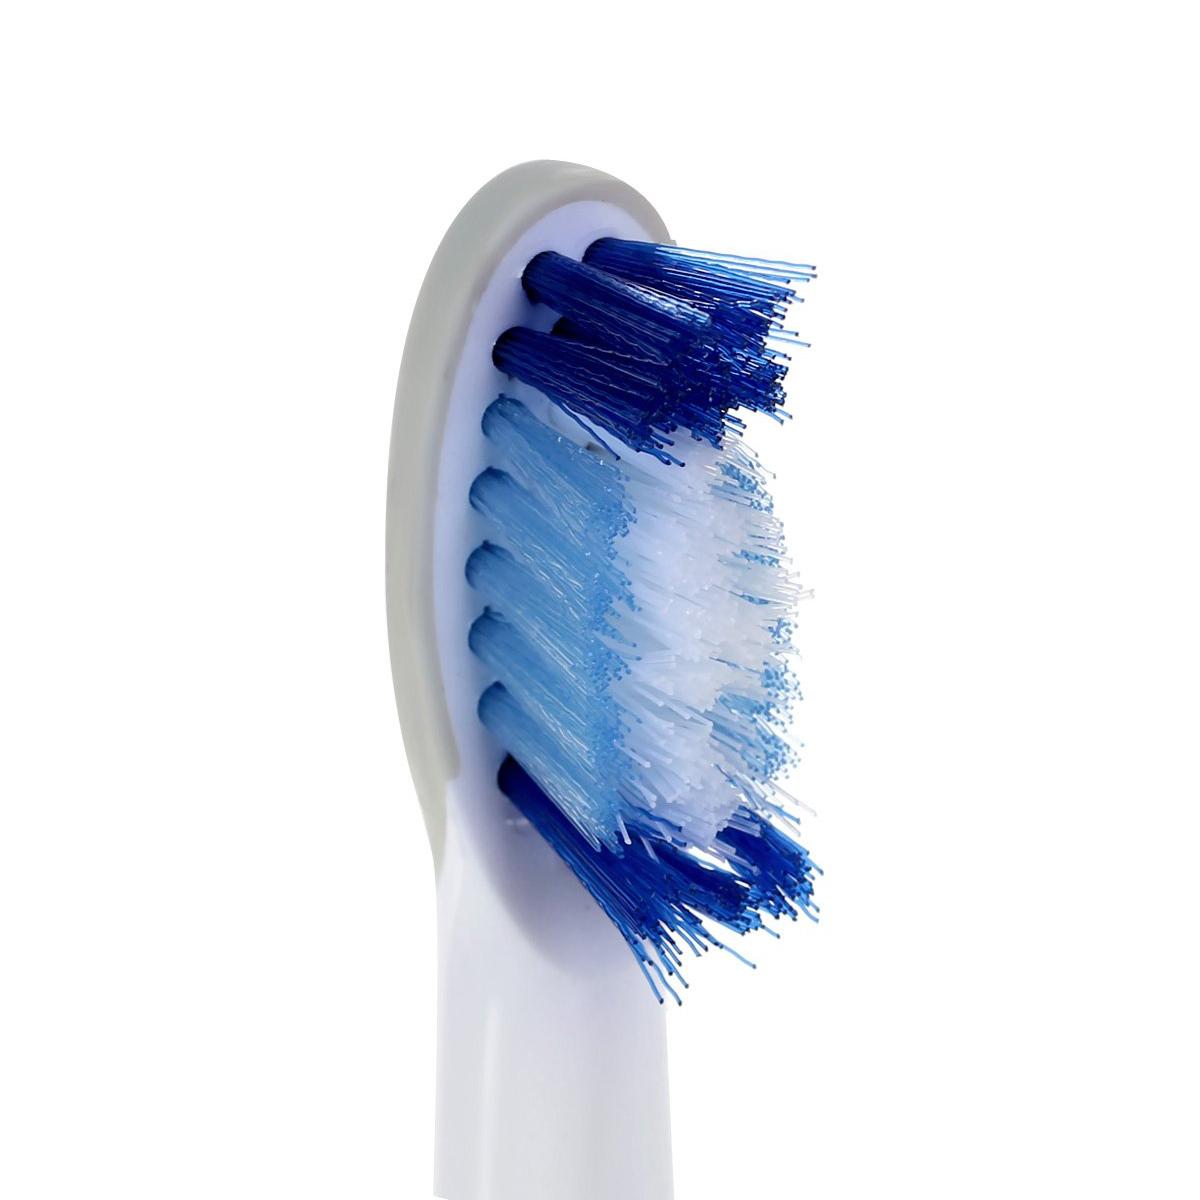 Bộ 4 Đầu Bàn Chải Đánh Răng điện SR32-4, S32-4 cho các dòng máy PulSonic Oral-B Braun